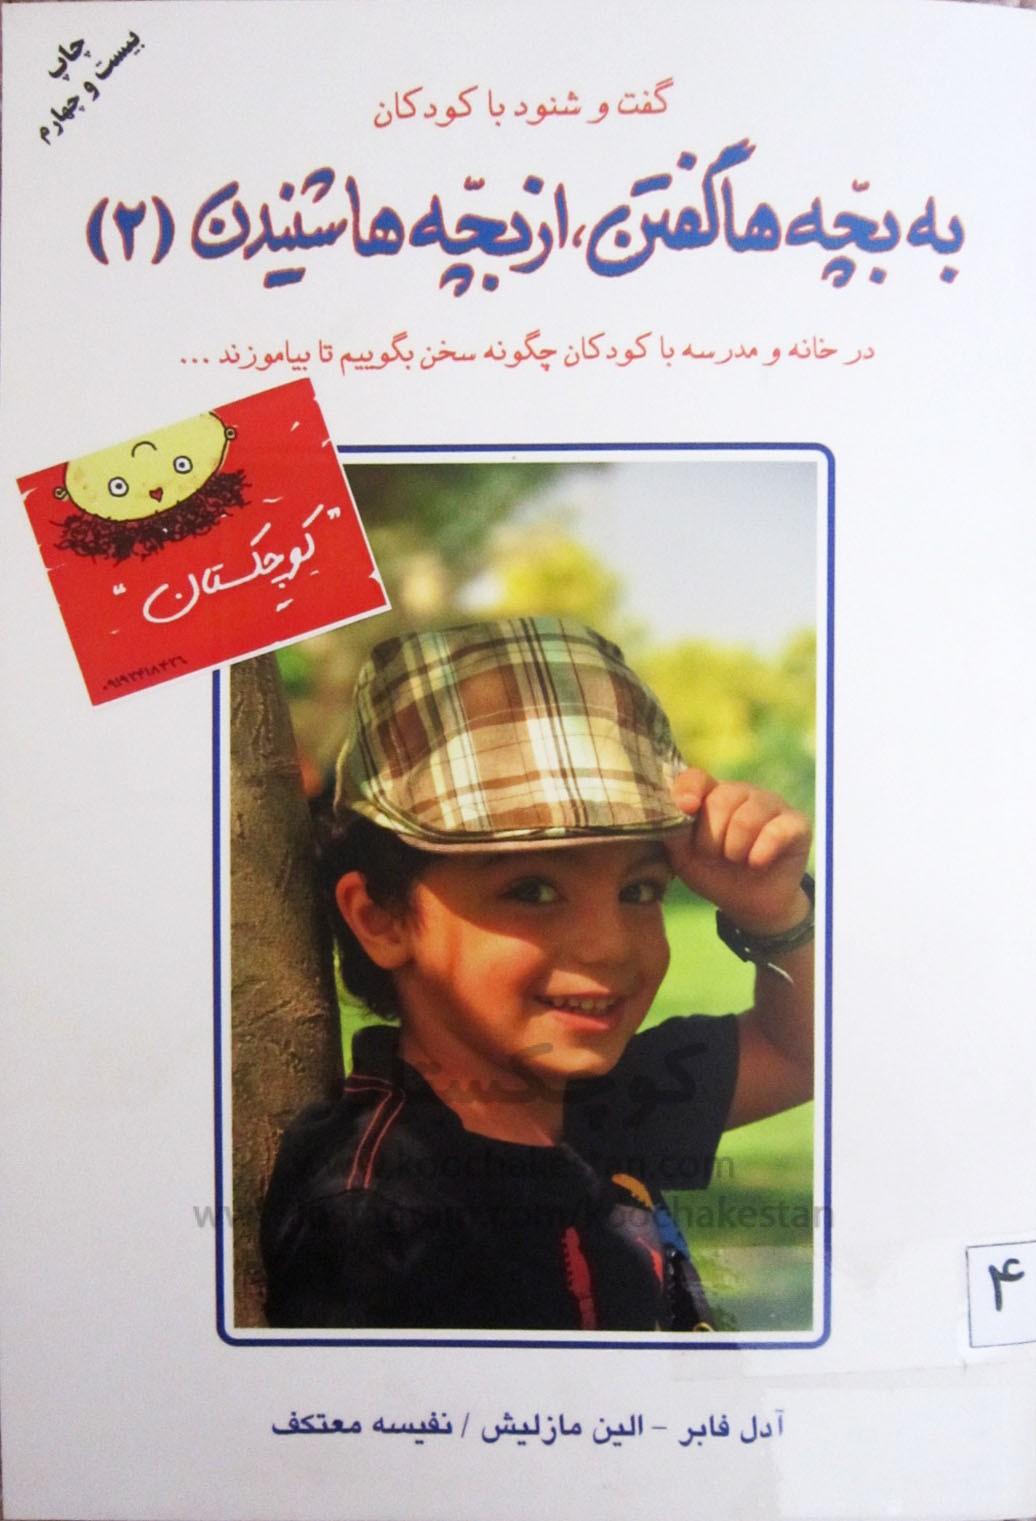 به بچه ها گفتن، از بچه ها شنیدن (2) - کتابخانه کودک - کوچکستان